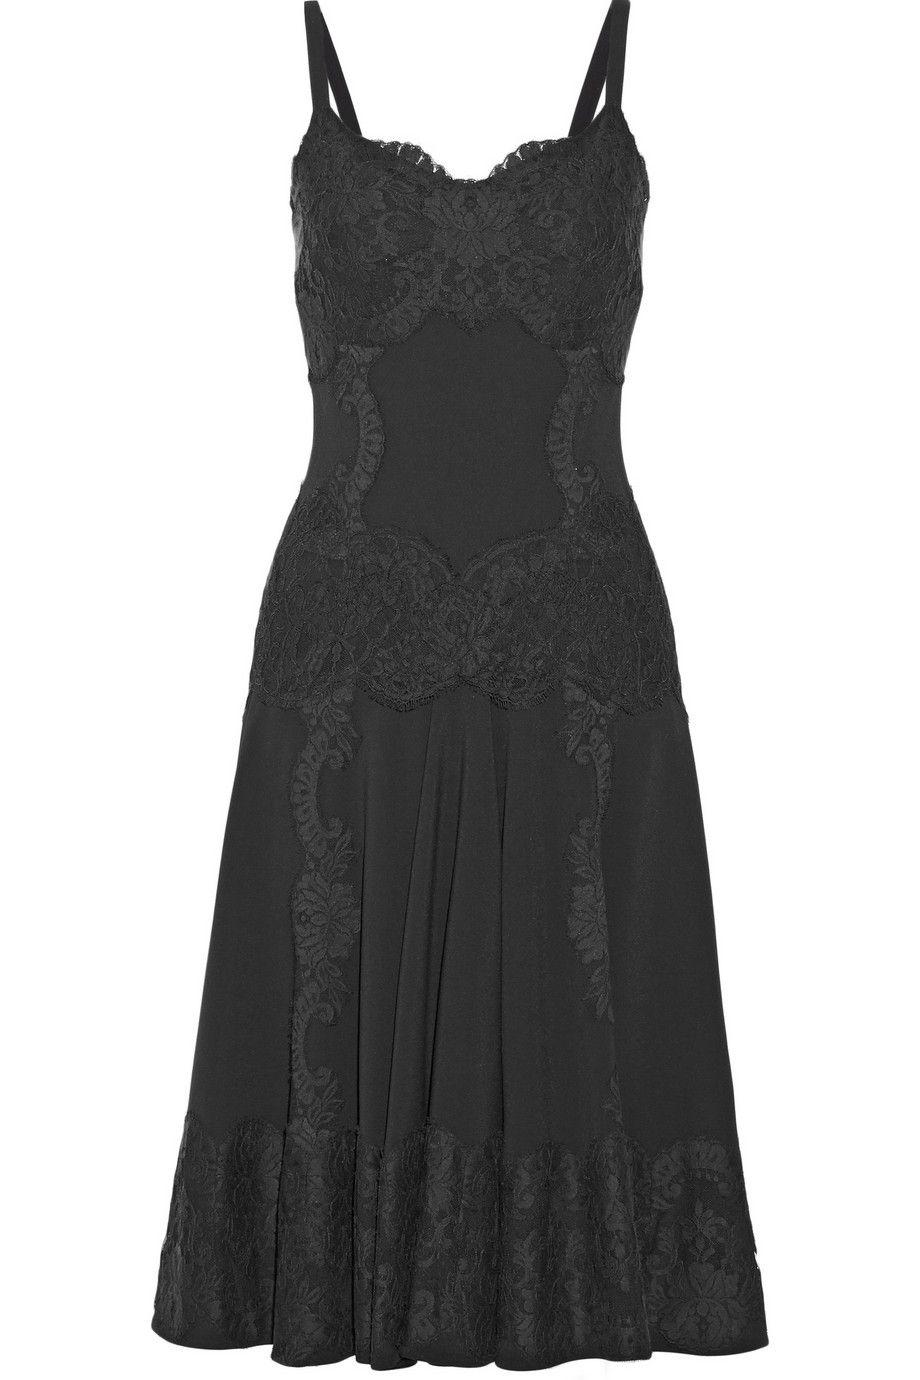 Dolce & Gabbana|Lace-appliquéd crepe dress|NET-A-PORTER.COM